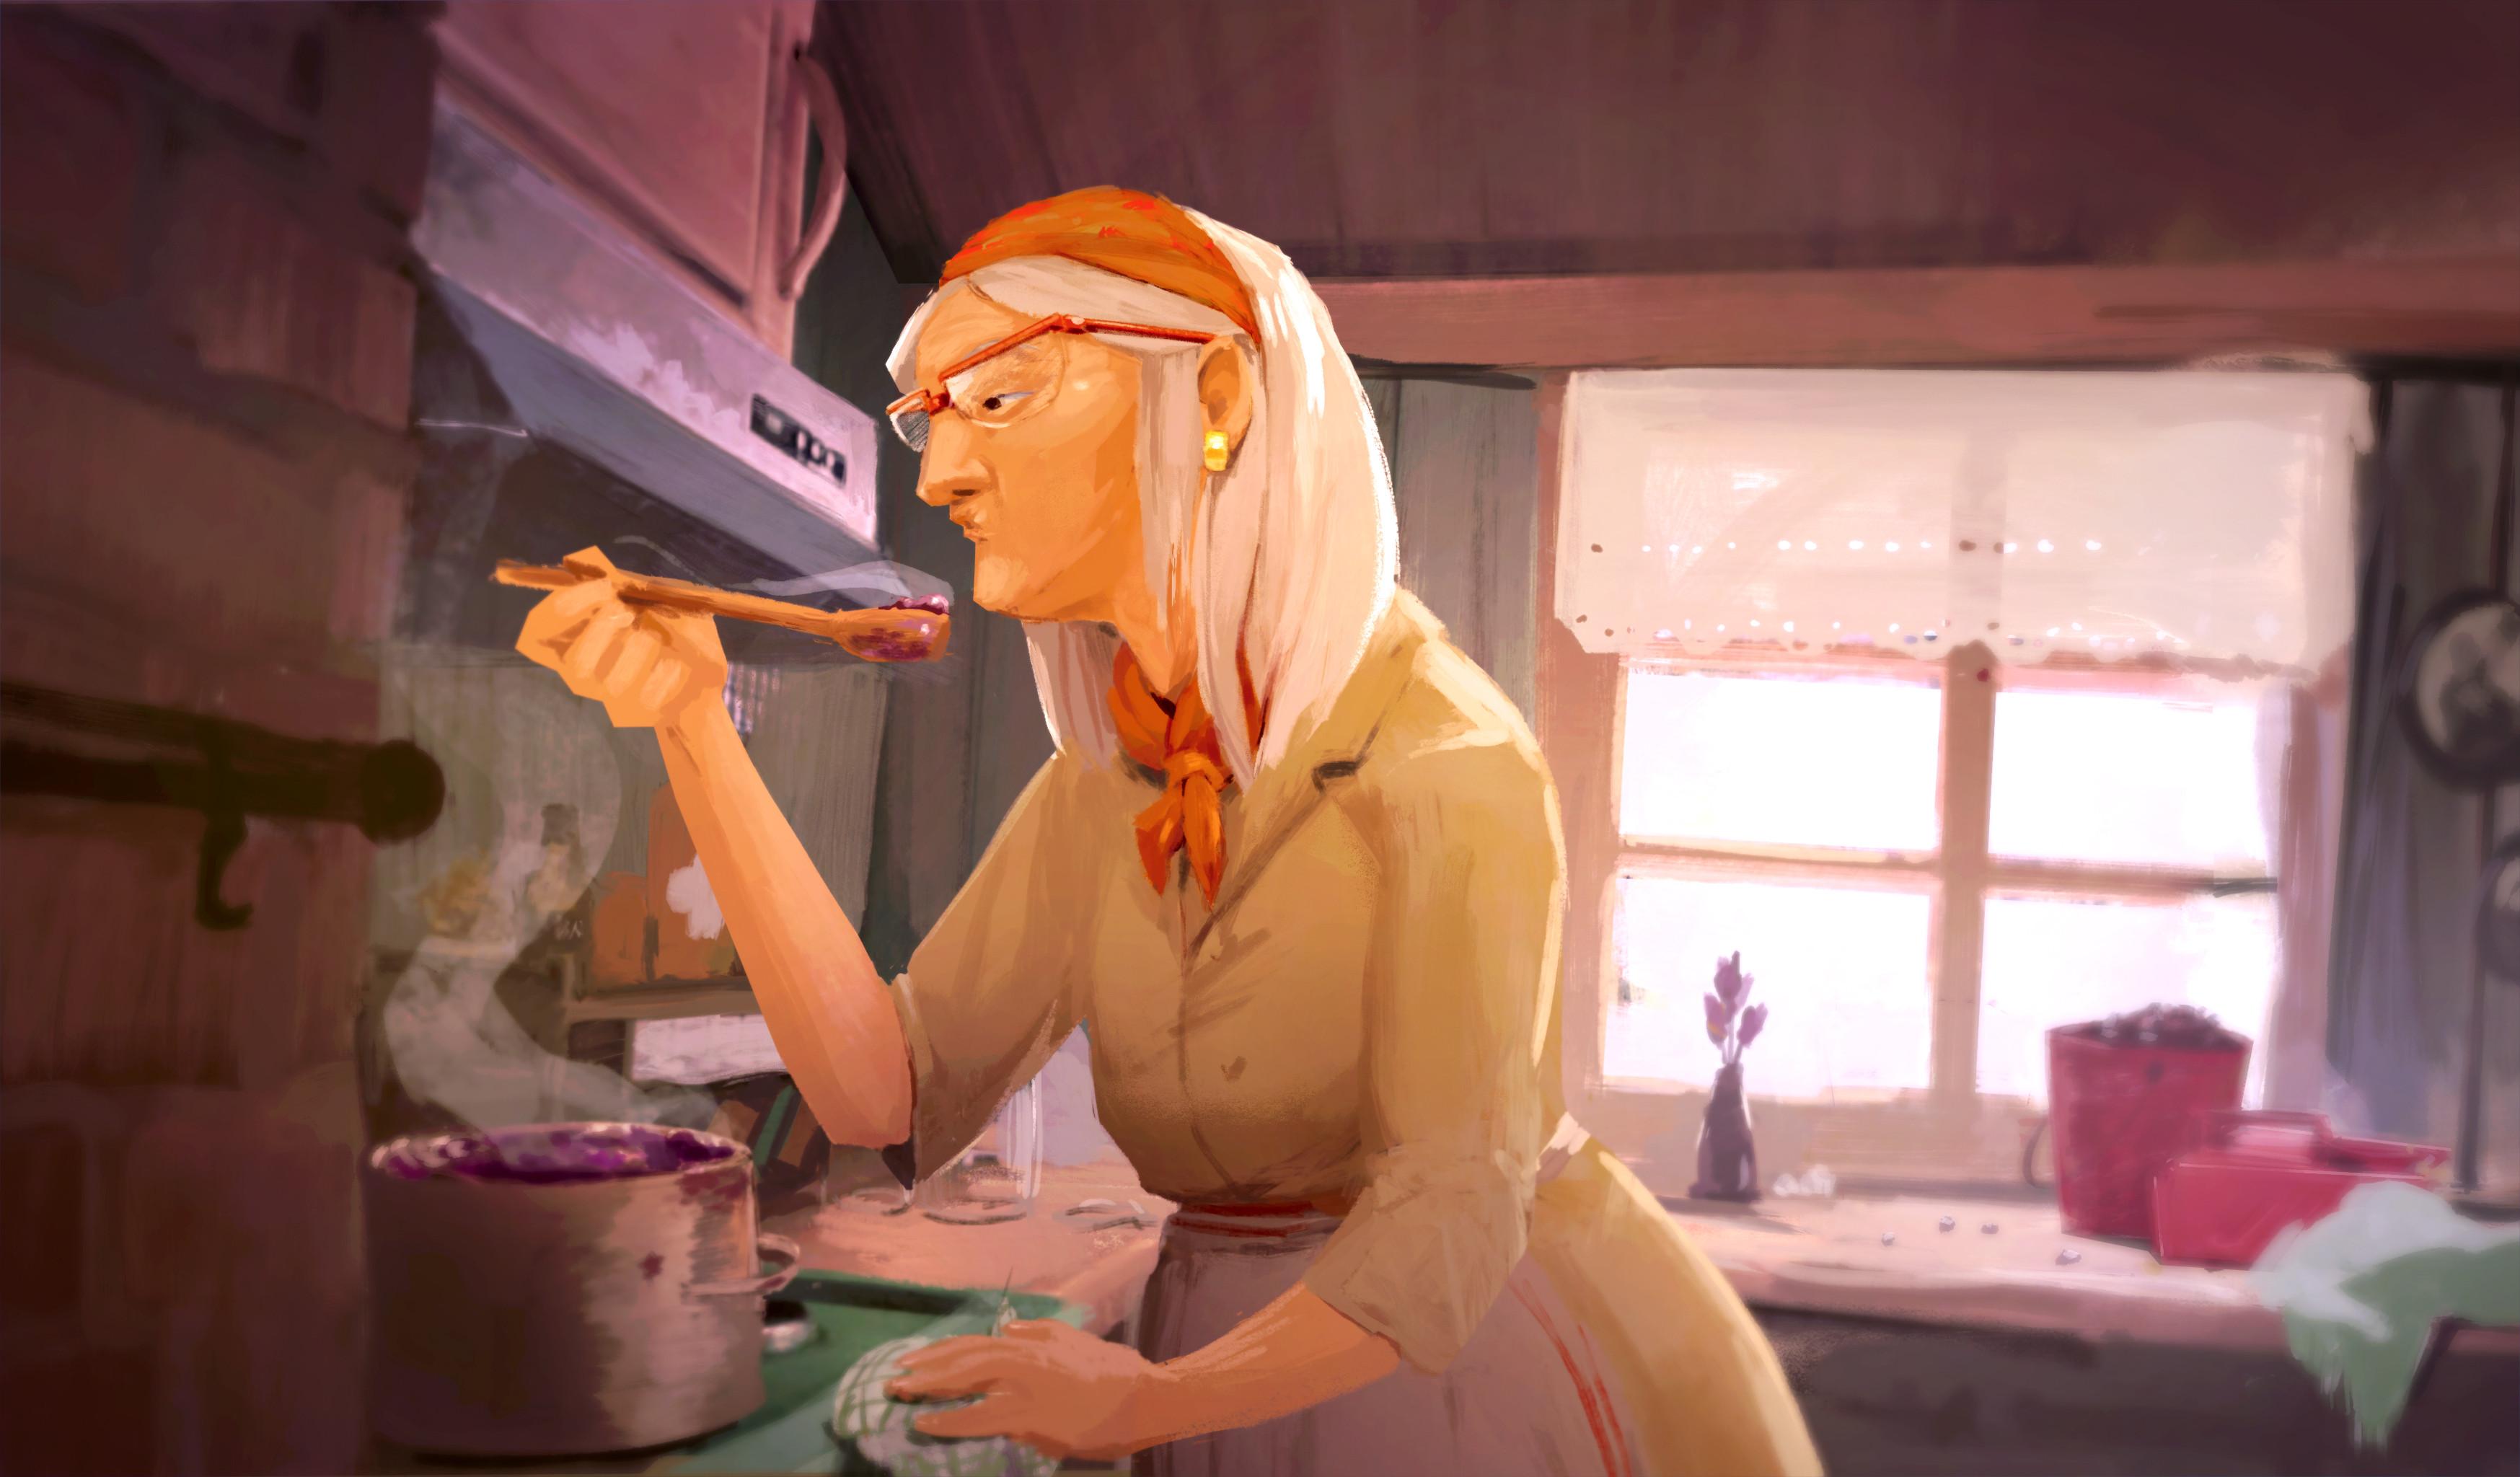 Memory concept art. Grandma teaches you how to cook jam.